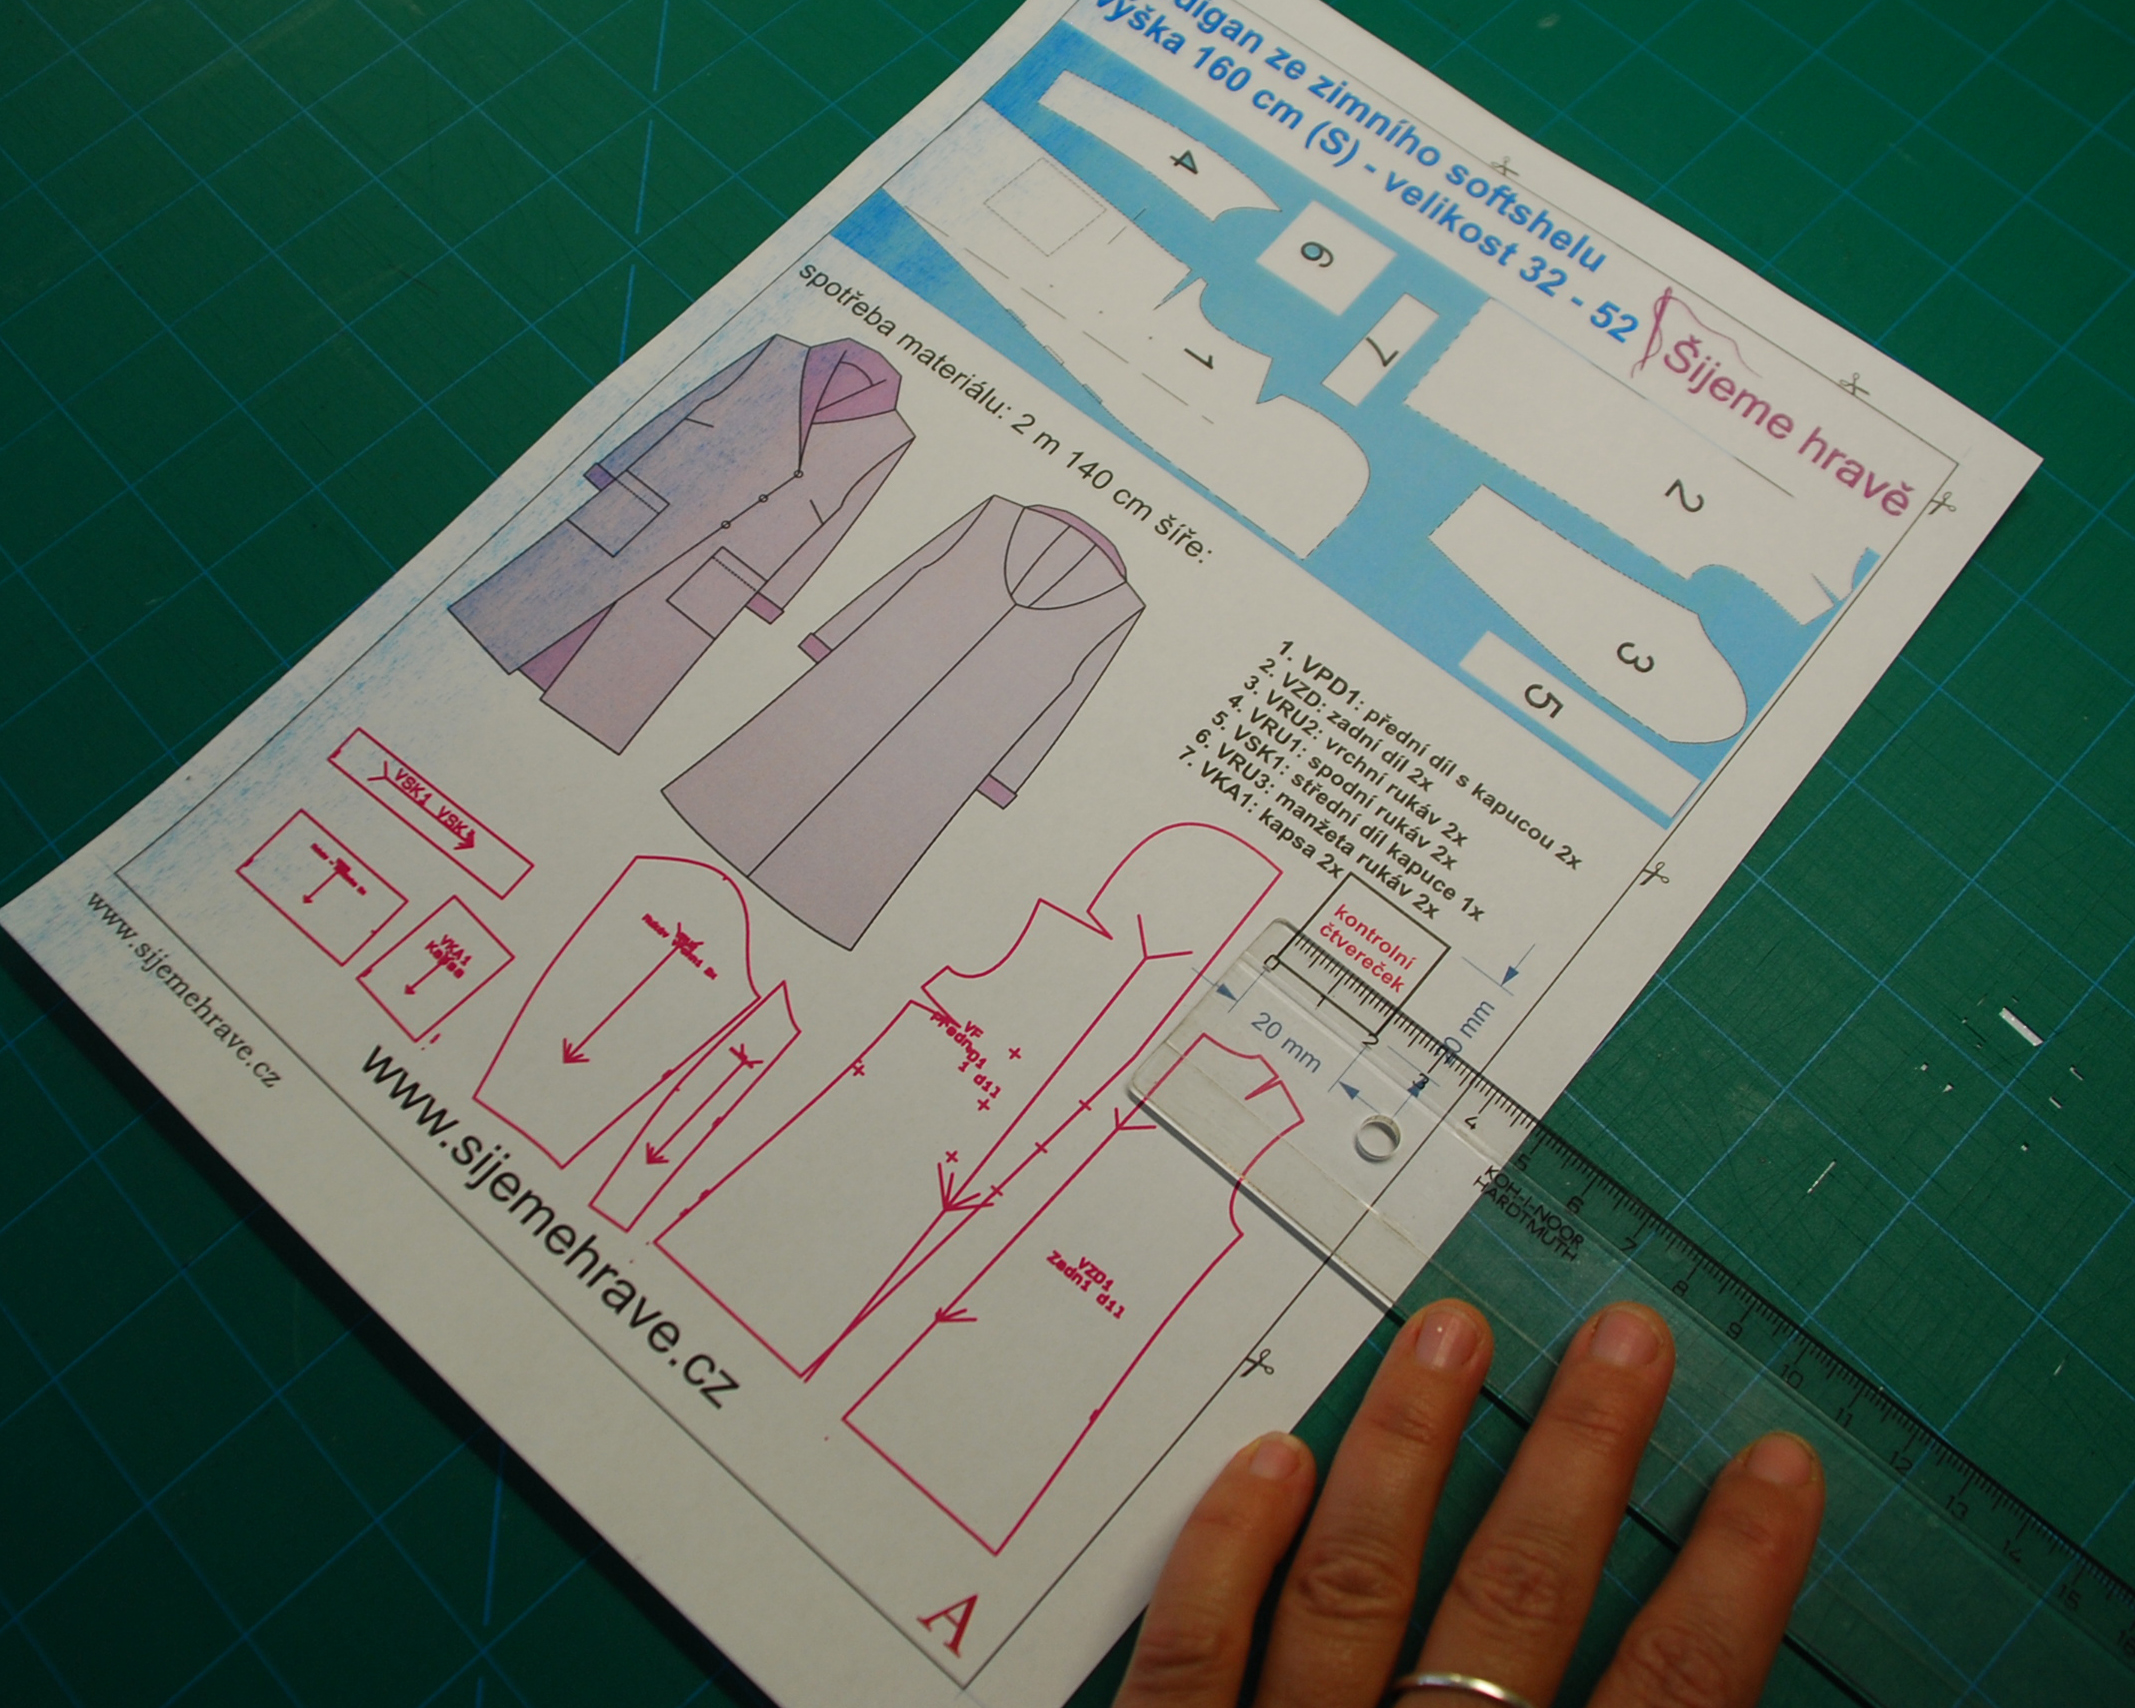 Jak vytisknout a slepit střih A4 (nově)